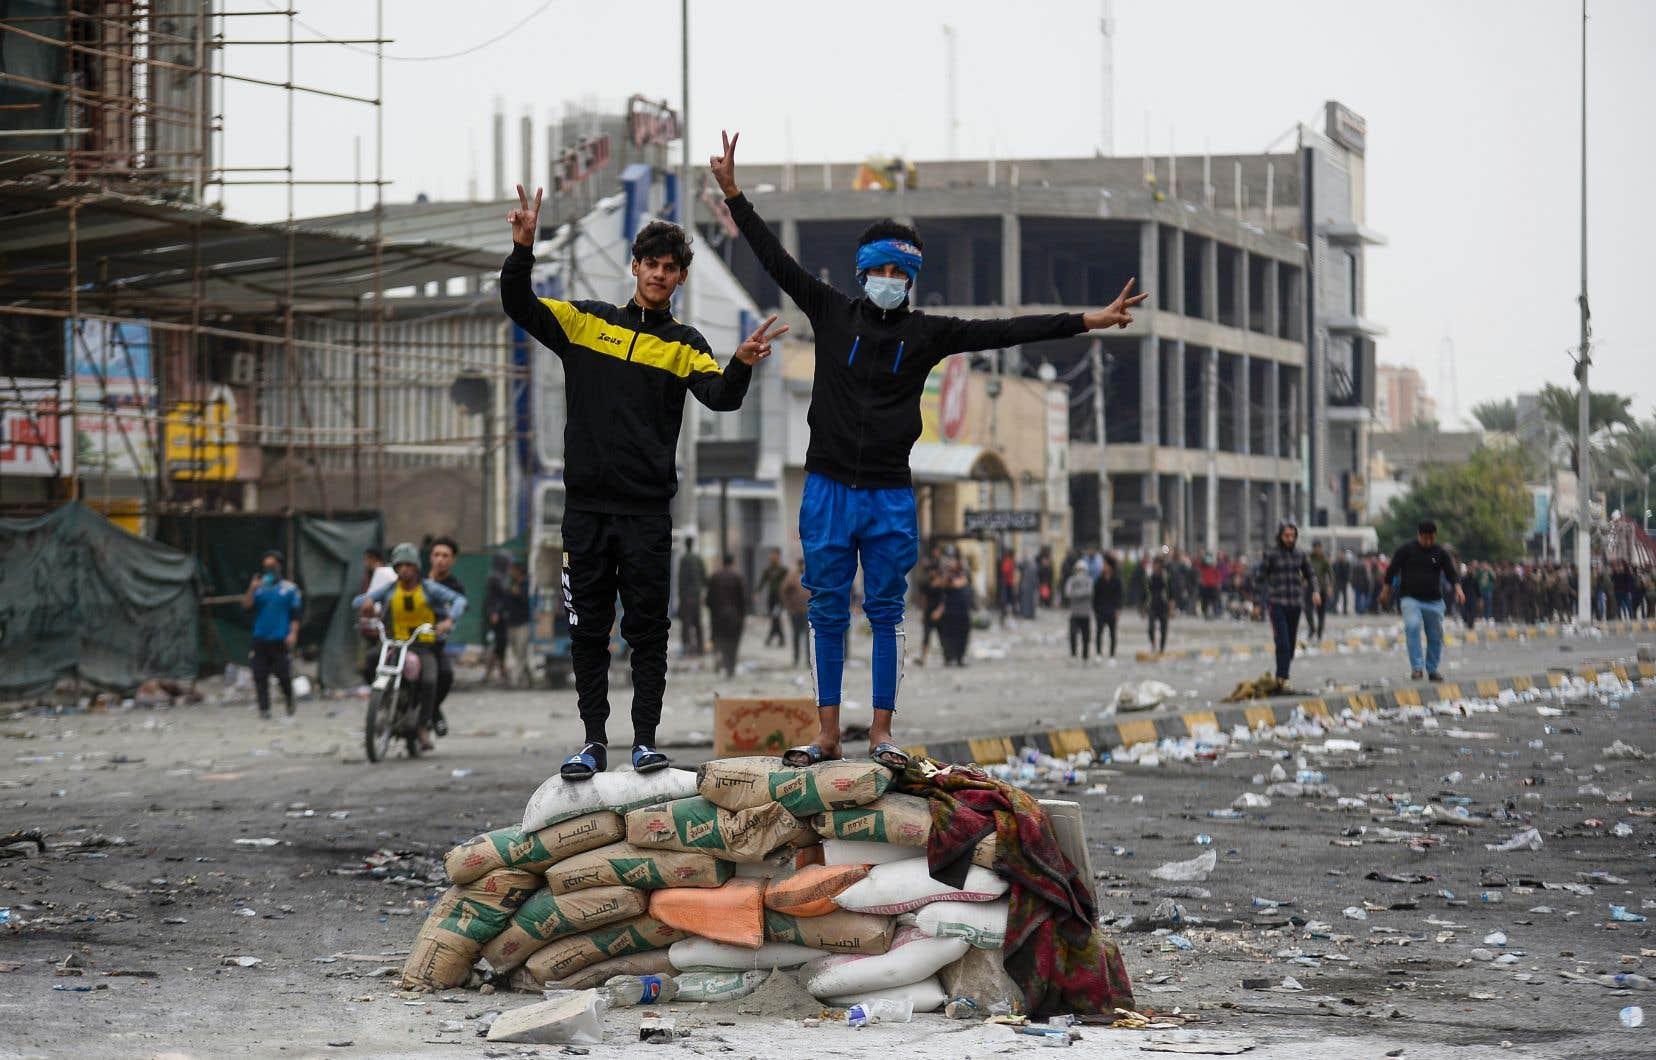 La démission du gouvernement n'est qu'une «première étape», ont répété à l'envi les manifestants dimanche sur les places de Bagdad et des grandes villes du sud.